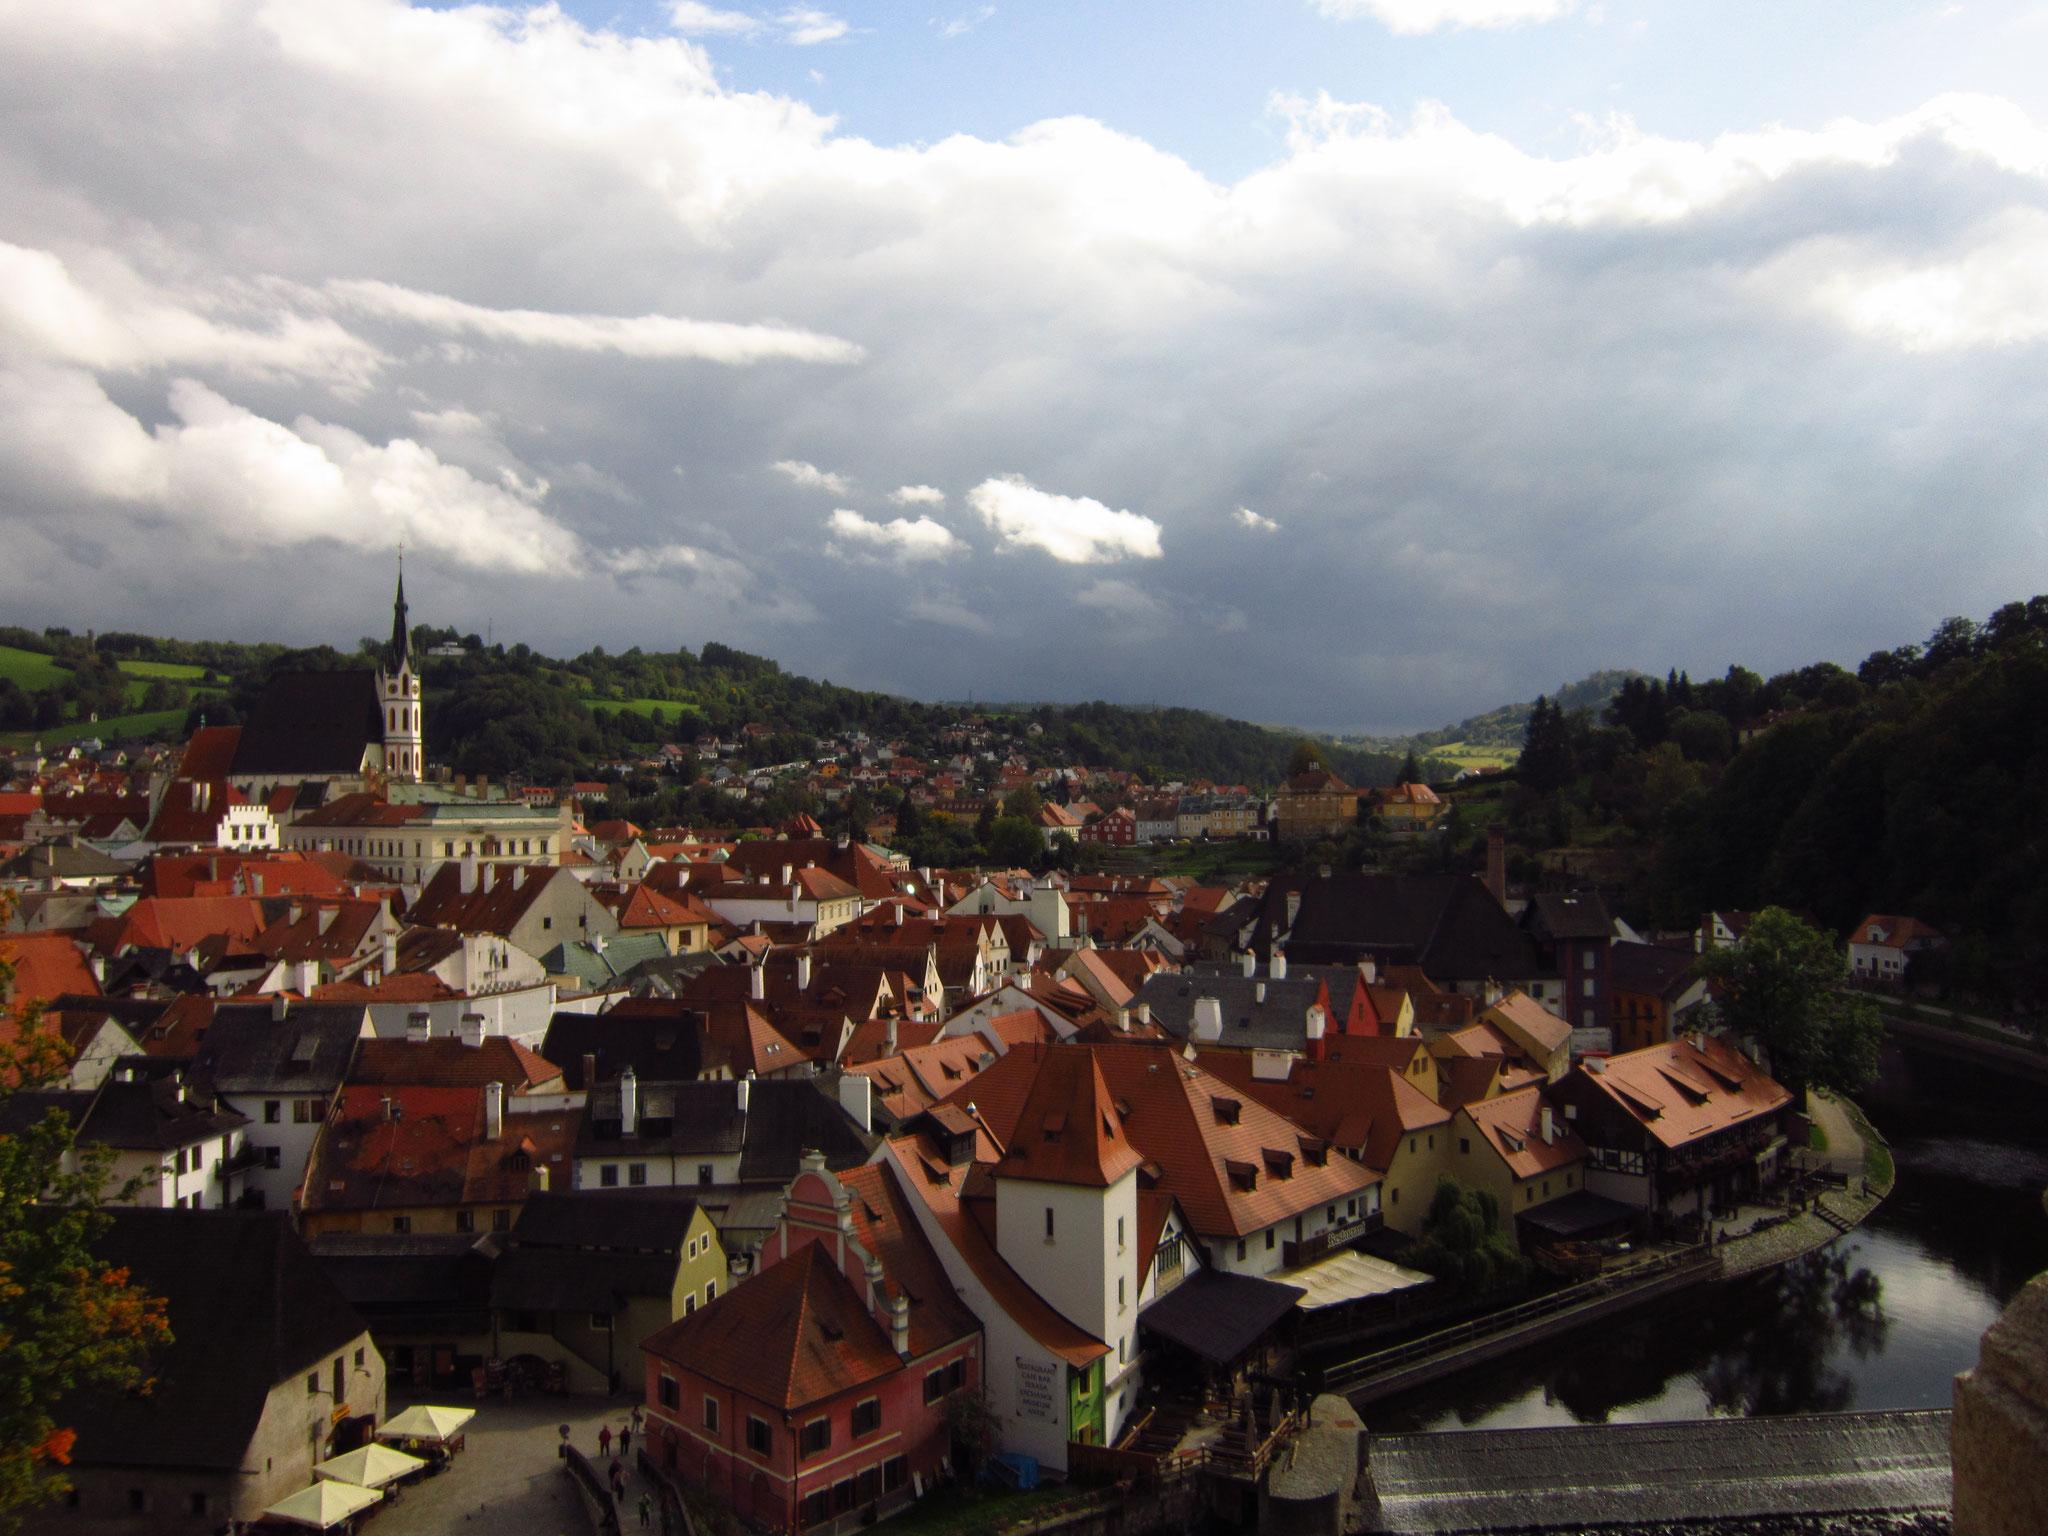 Чехия и Австрия. 8 дней. 810 евро в мини-группе из 4 человек.